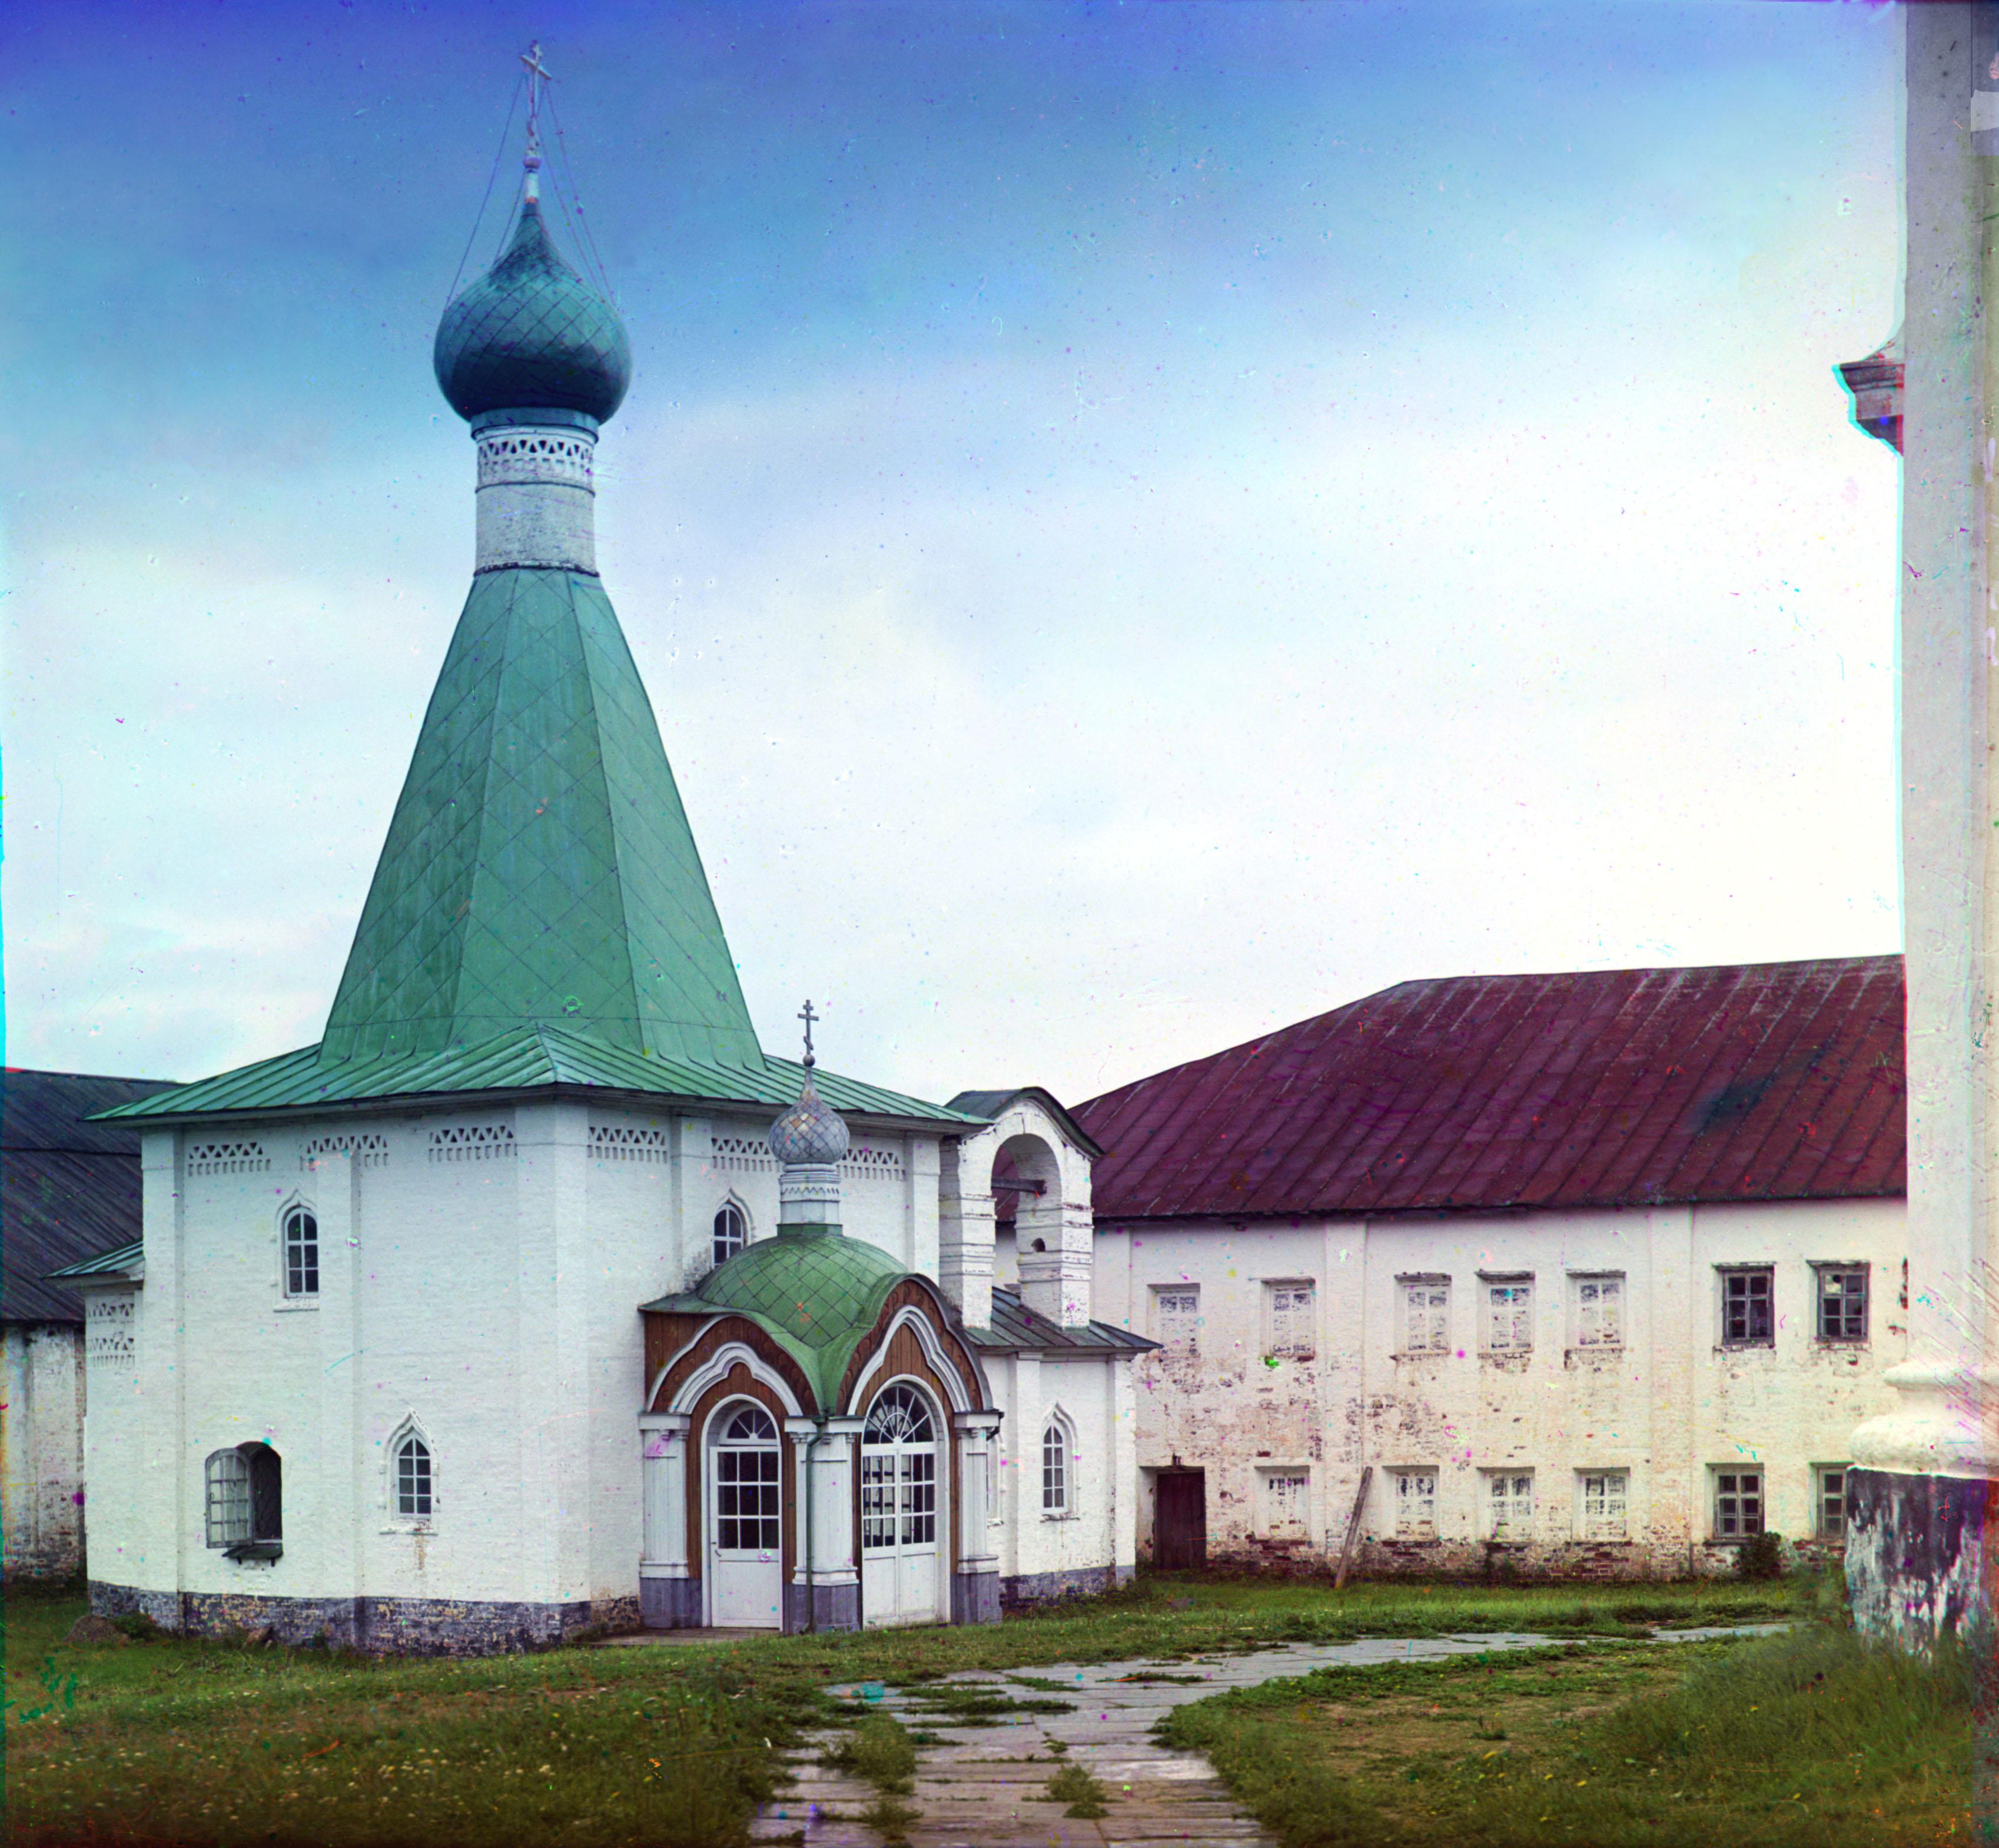 Кирилло-Белозерский монастырь. Церковь Св. Ефимия